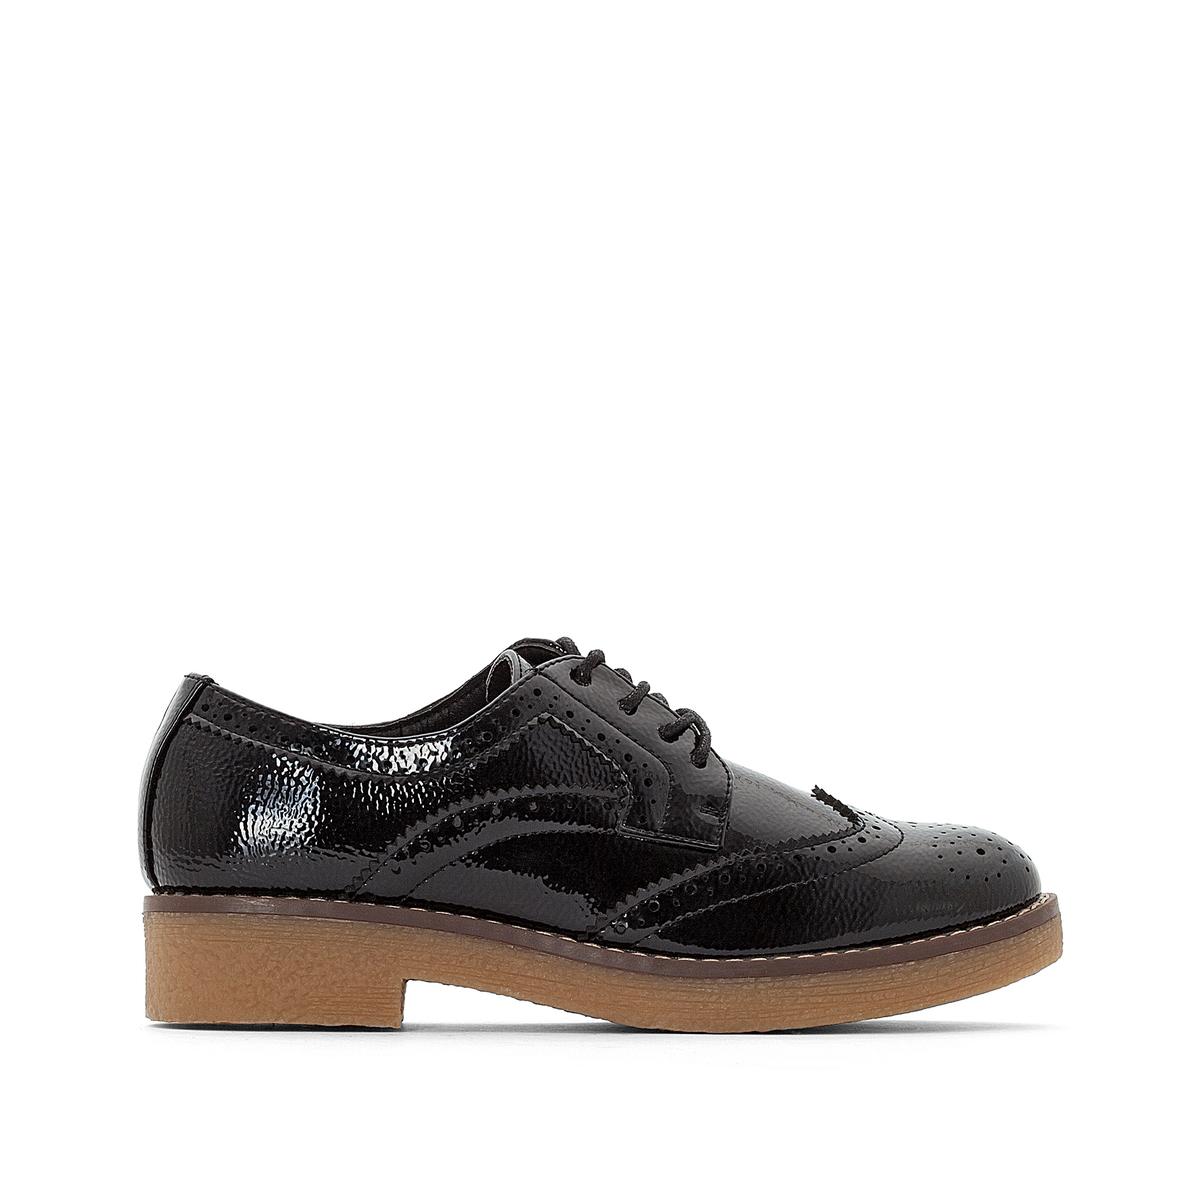 Ботинки-дерби из кожи с подошвой из крепа детские ботинки с нескользящей подошвой ginoble txg285 2015 286 287 288 289